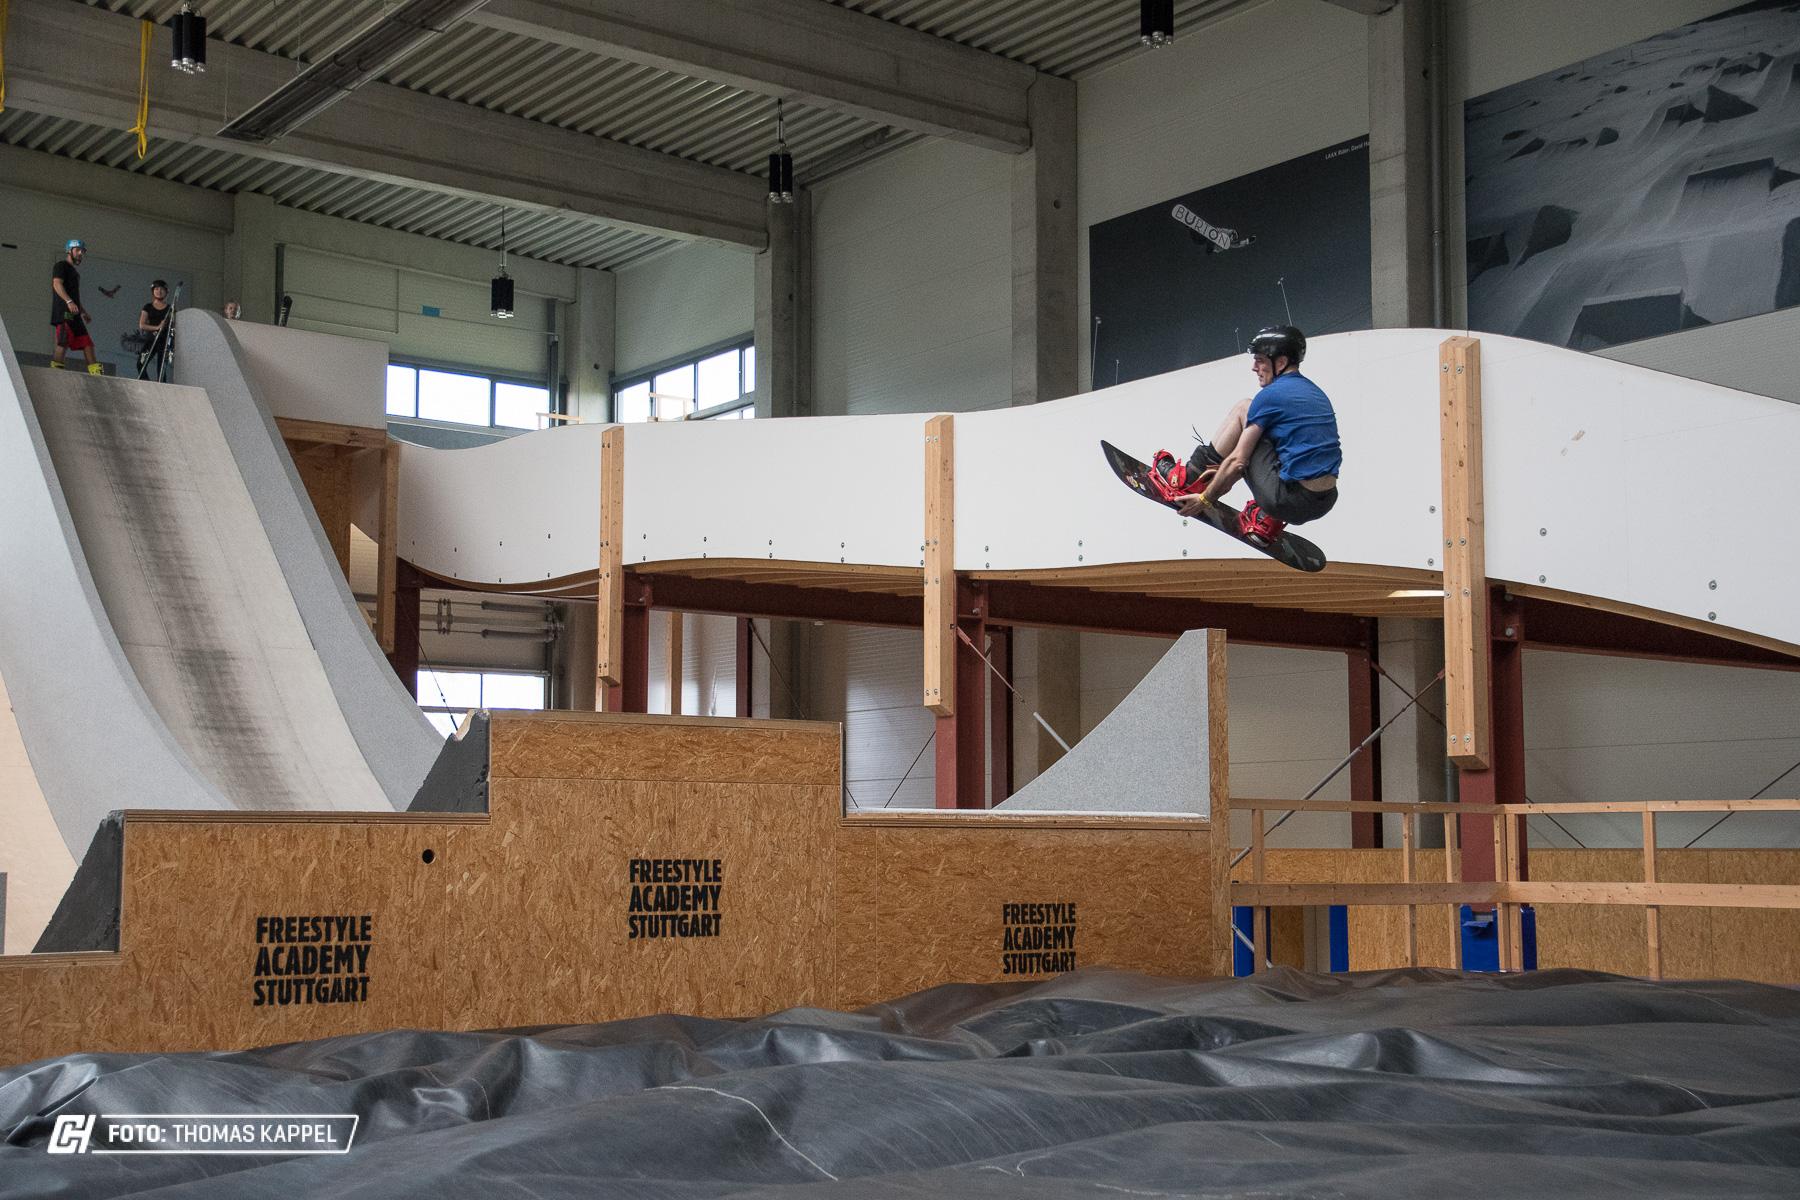 Freestyle Academy Stuttgart 1 von 17